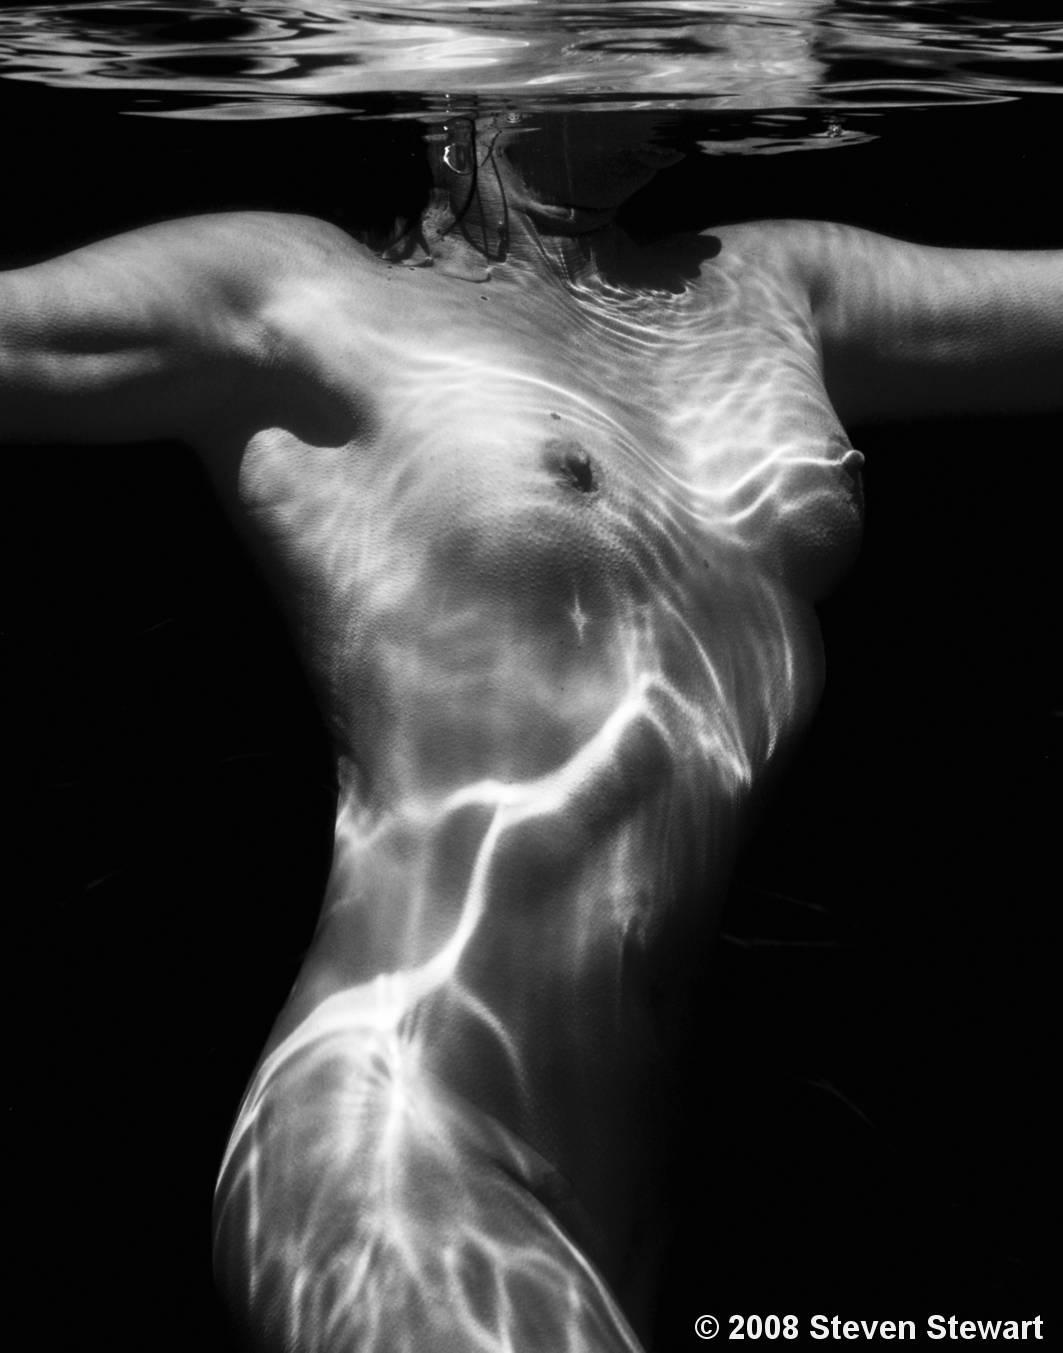 Under Water Nude by Steven Stewart :: Black & White Magazine